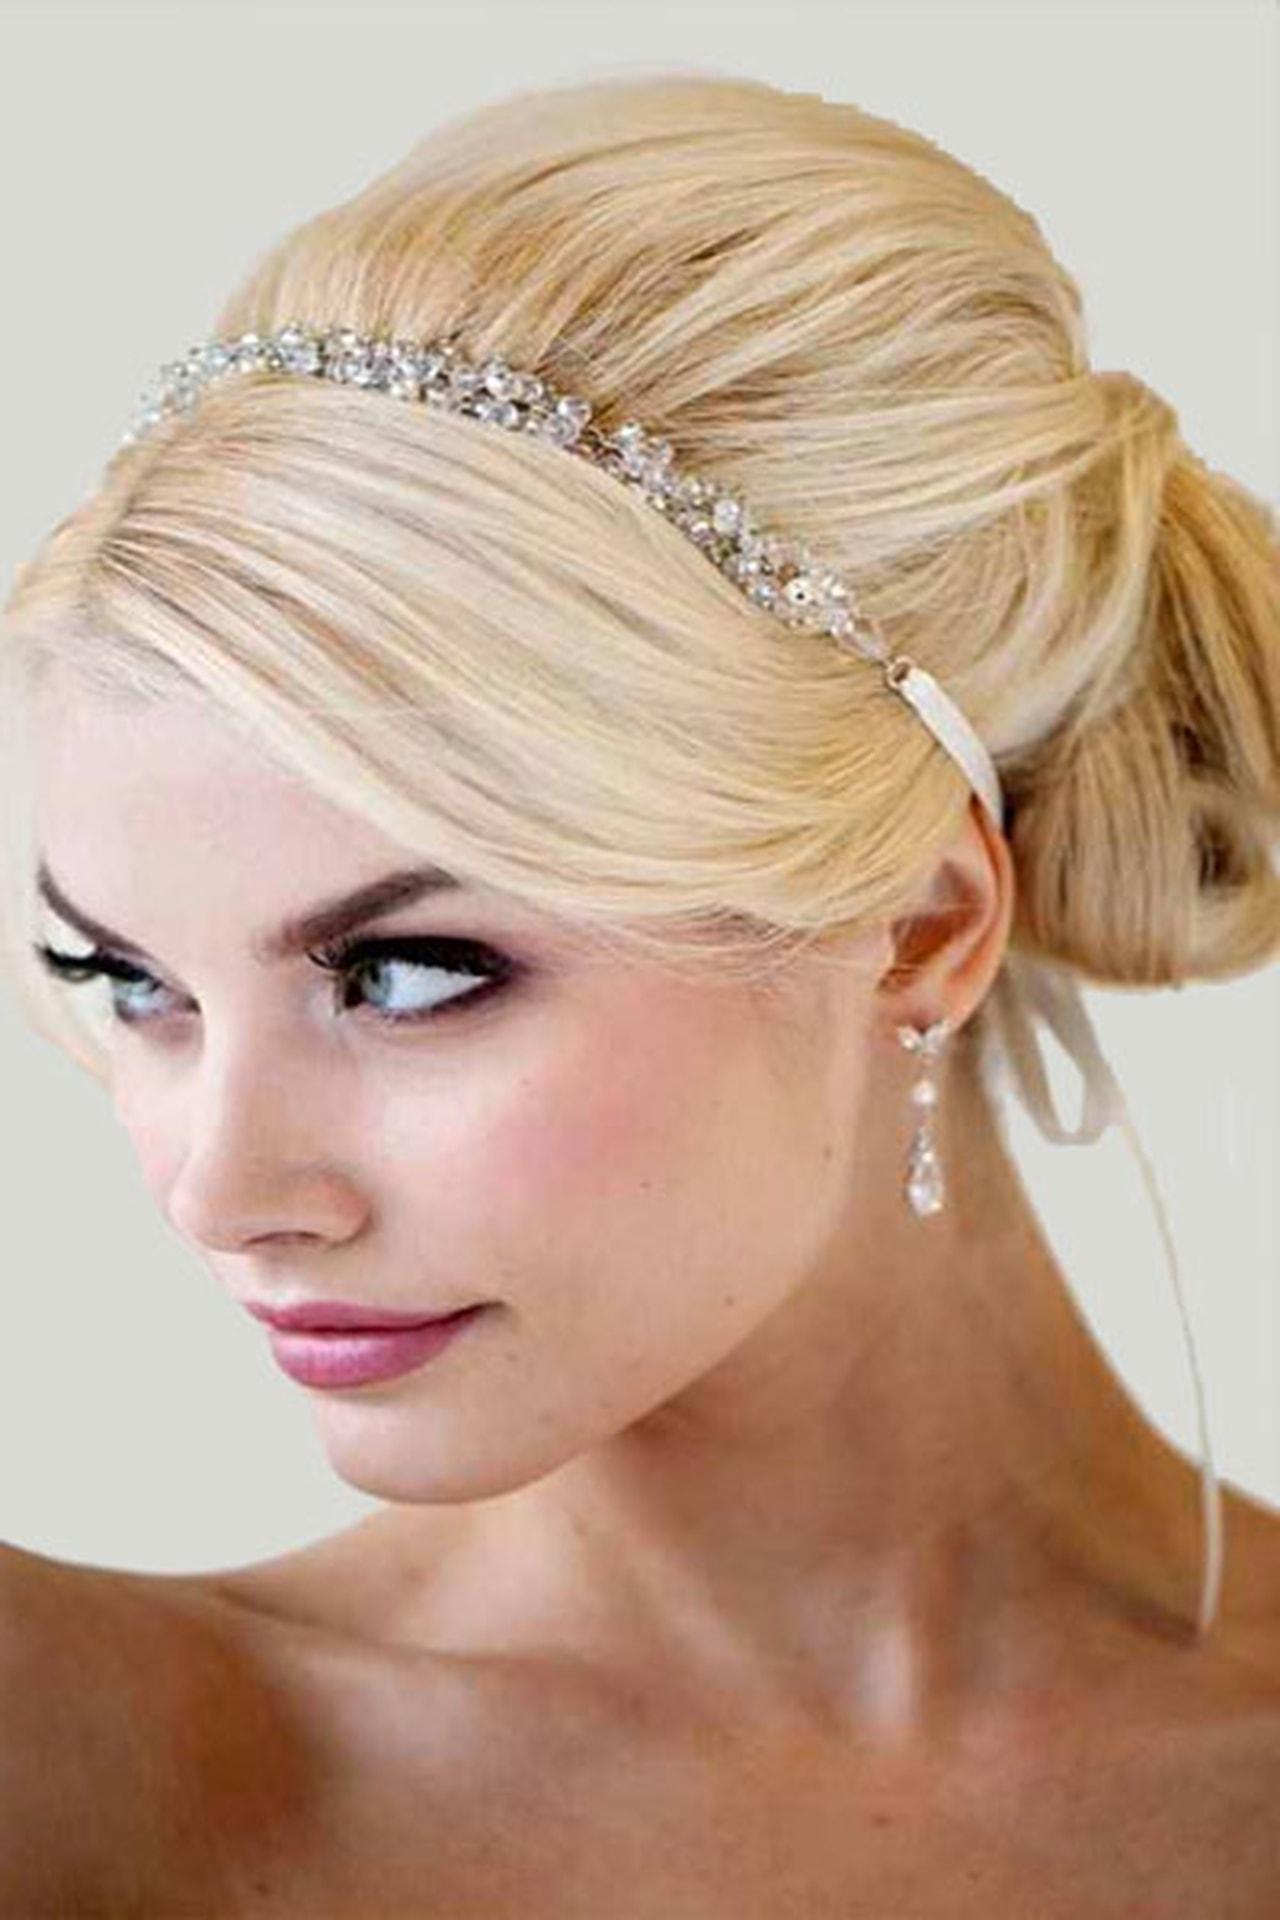 بالصور صور تسريحات شعر عرايس , تسريحات متنوعة ليوم زفافك 799 2